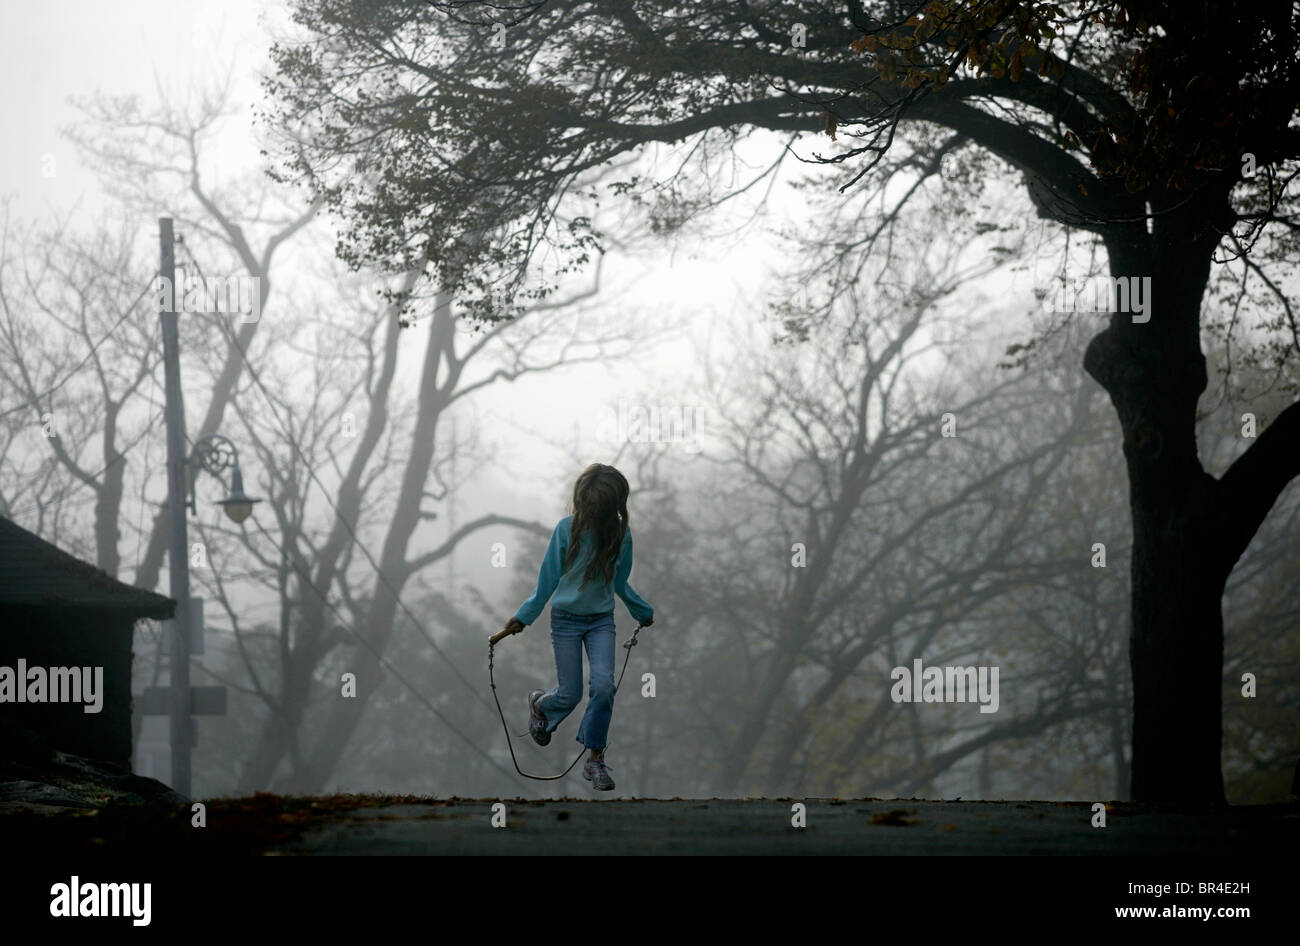 Ein junges Mädchen springt Seil. Stockbild